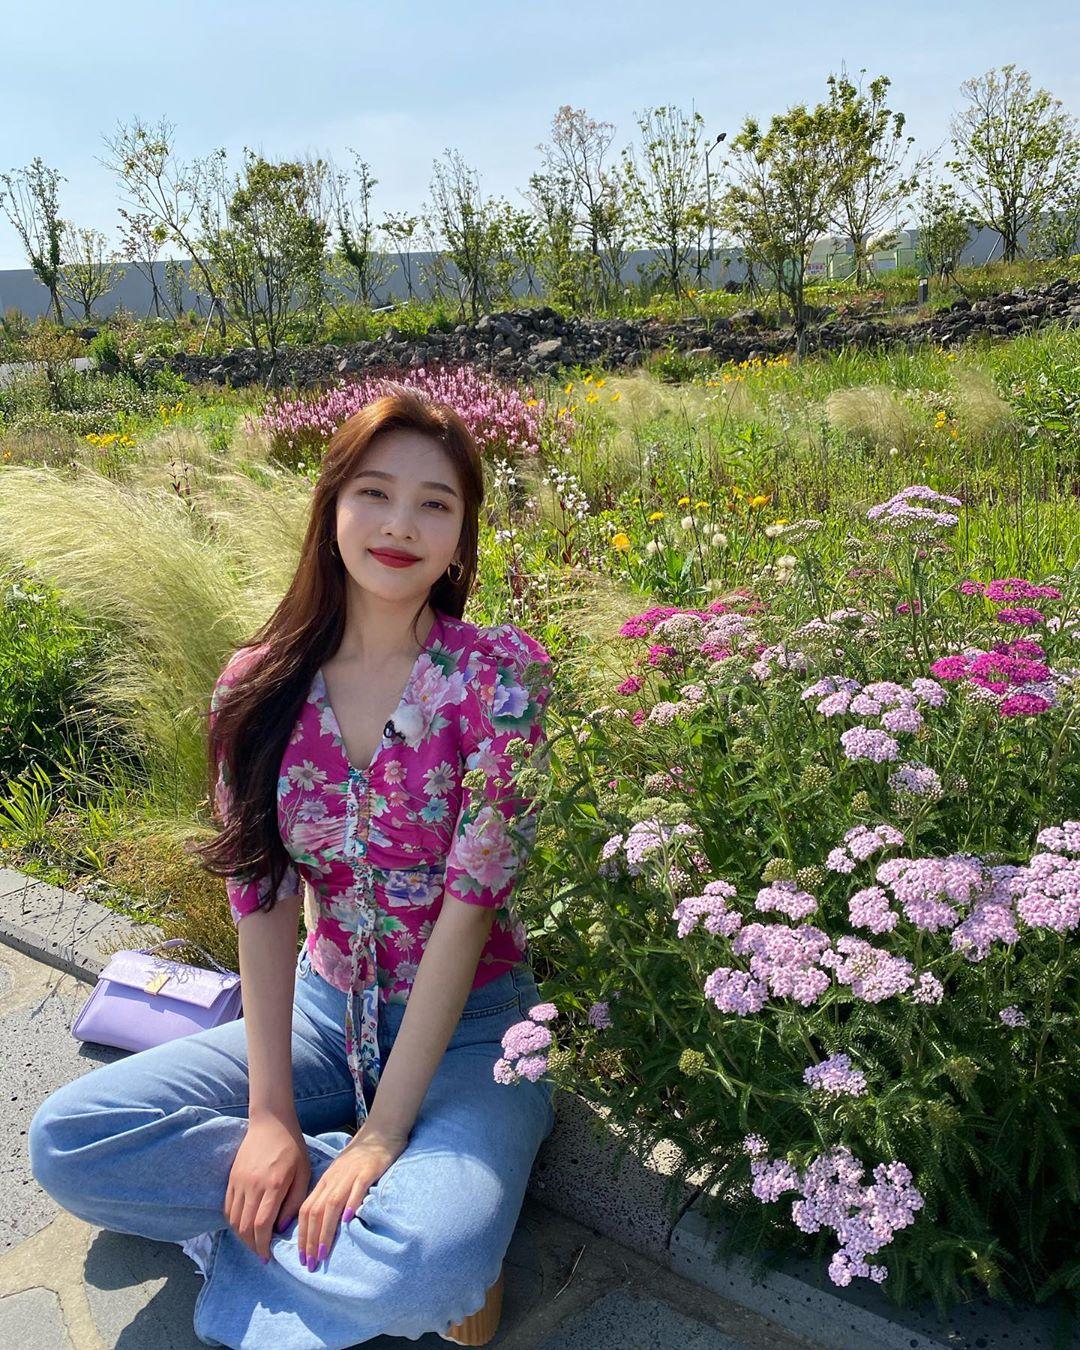 Joy mặc áo sơ mi voan hoa và quần jeans